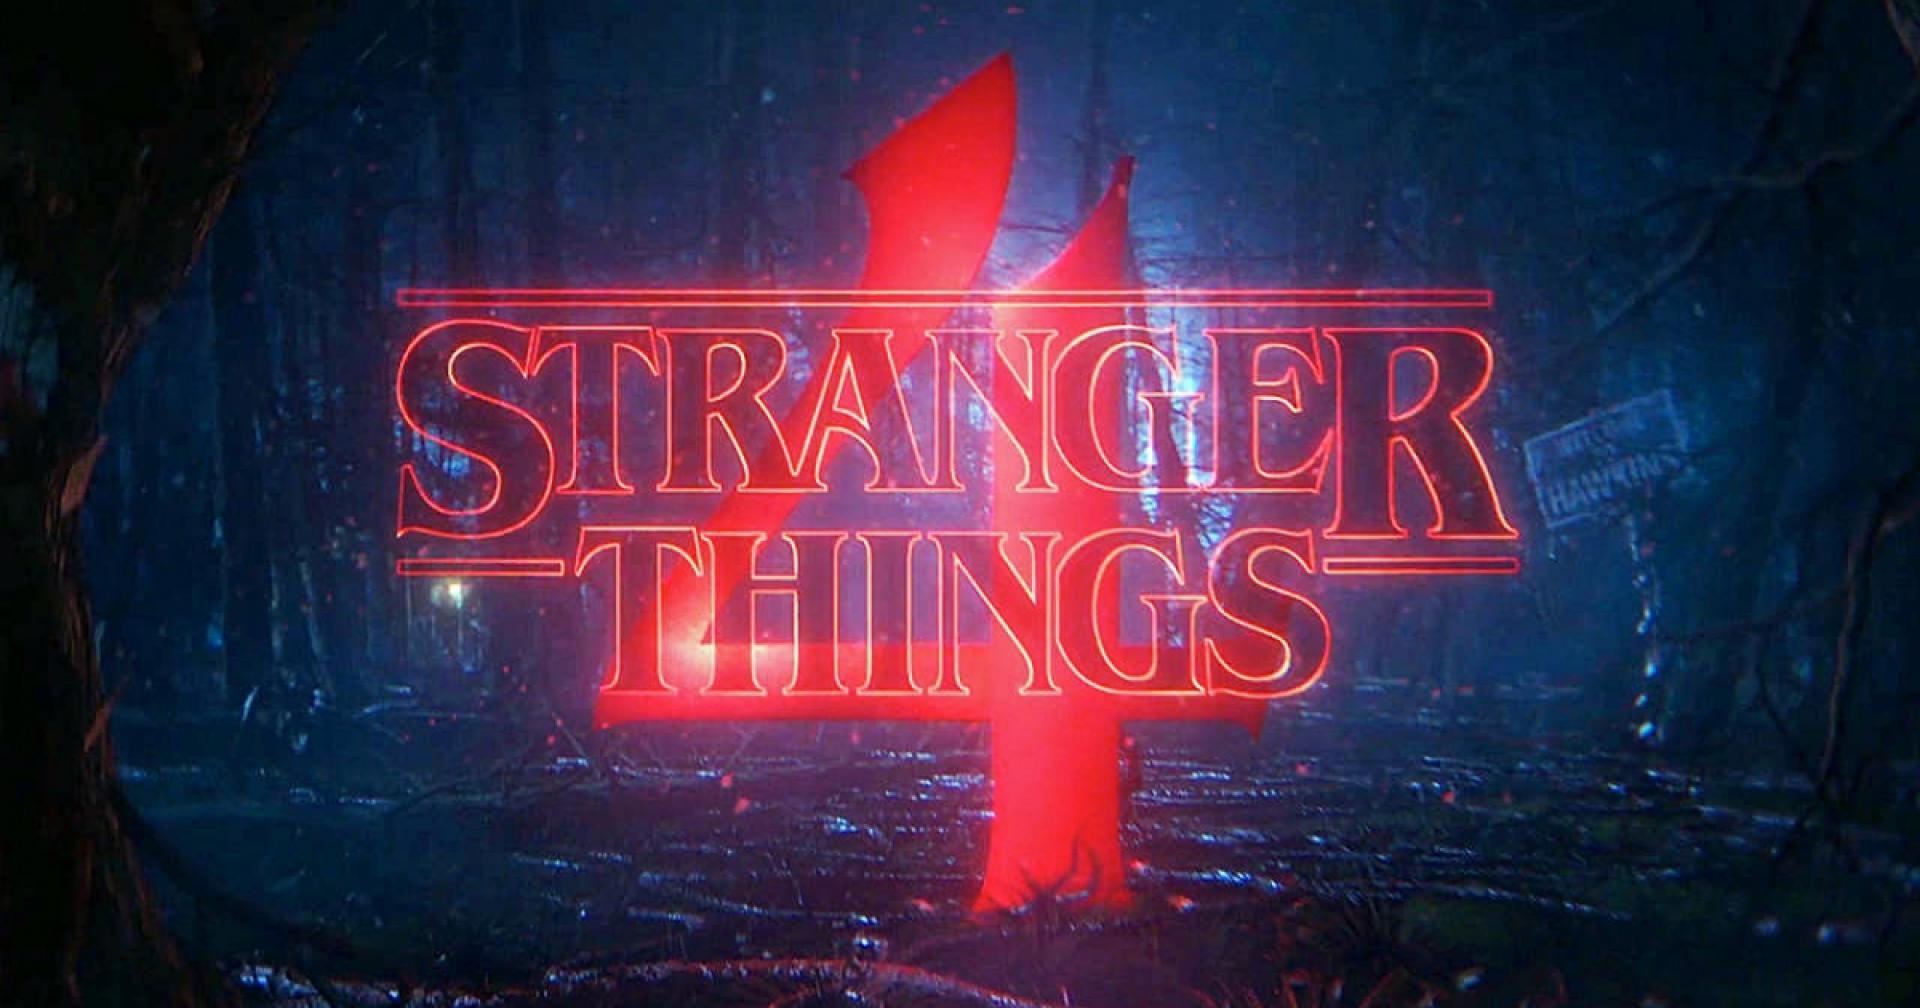 Kaptunk a Stranger Things 4. évadához egy kedvcsinálót